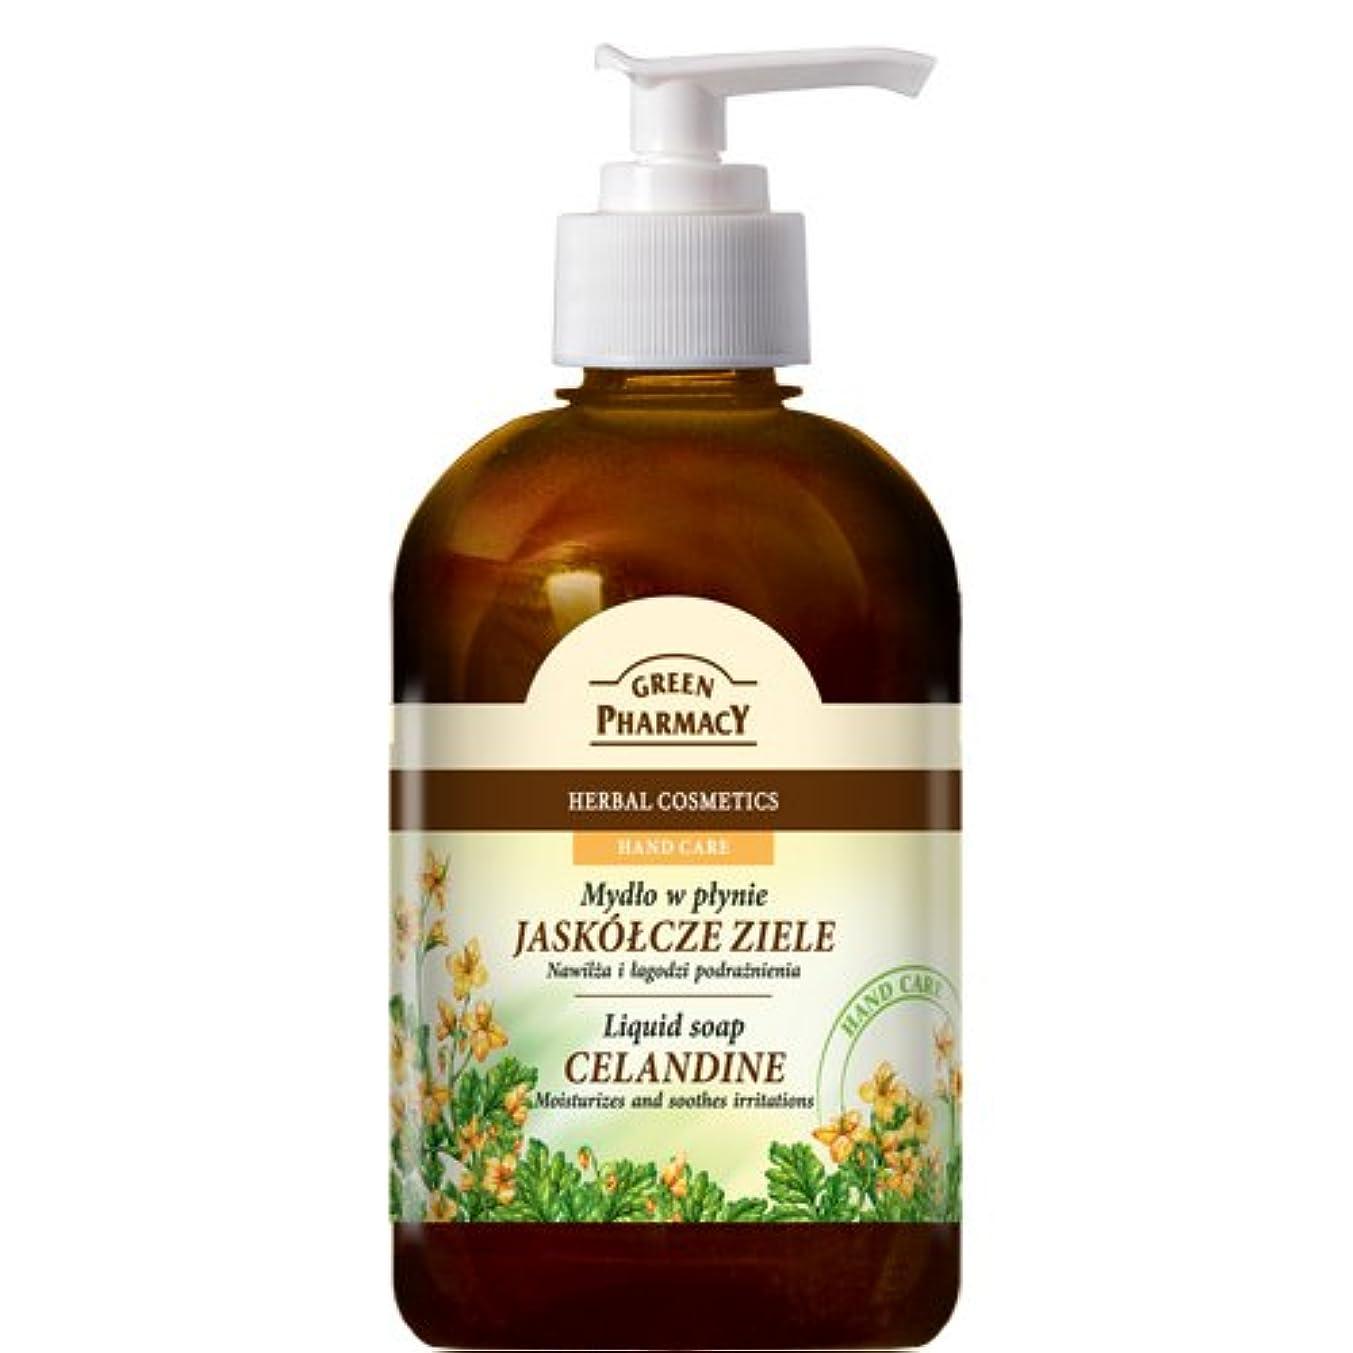 エキゾチックローマ人ハシーElfa Pharm Green Pharmacy グリーンファーマシー Liquid Soap リキッドソープ Celandine クサノオウ